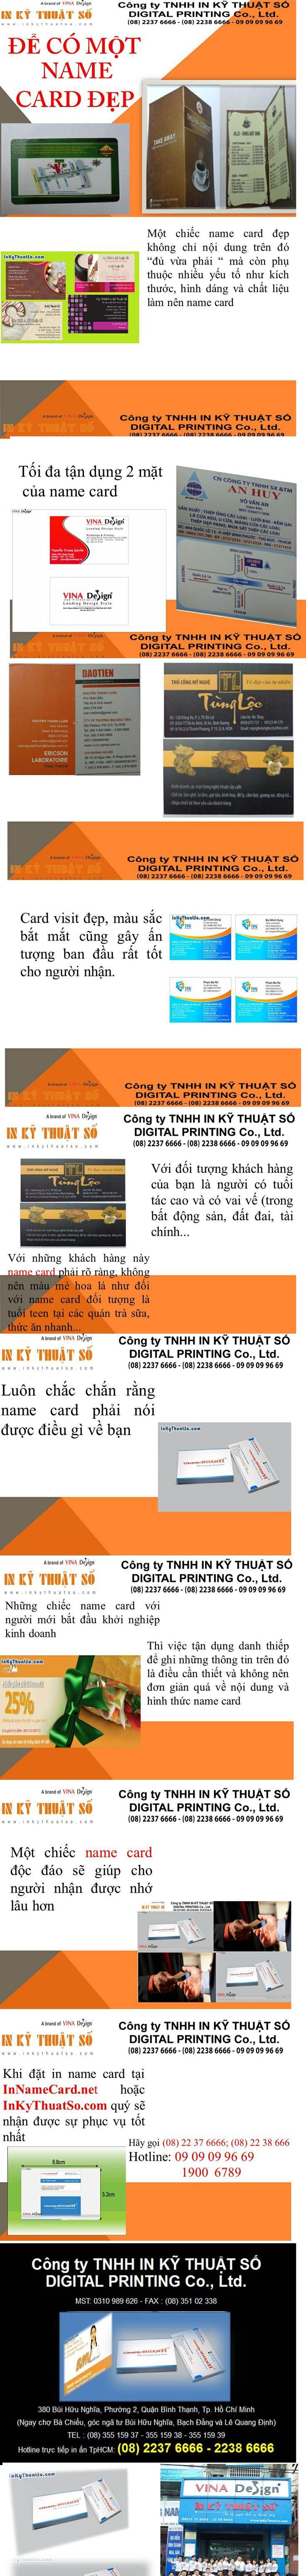 Hướng dẫn thiết kế name card đẹp tại Cty TNHH In kỹ thuật Số - Digital Printing